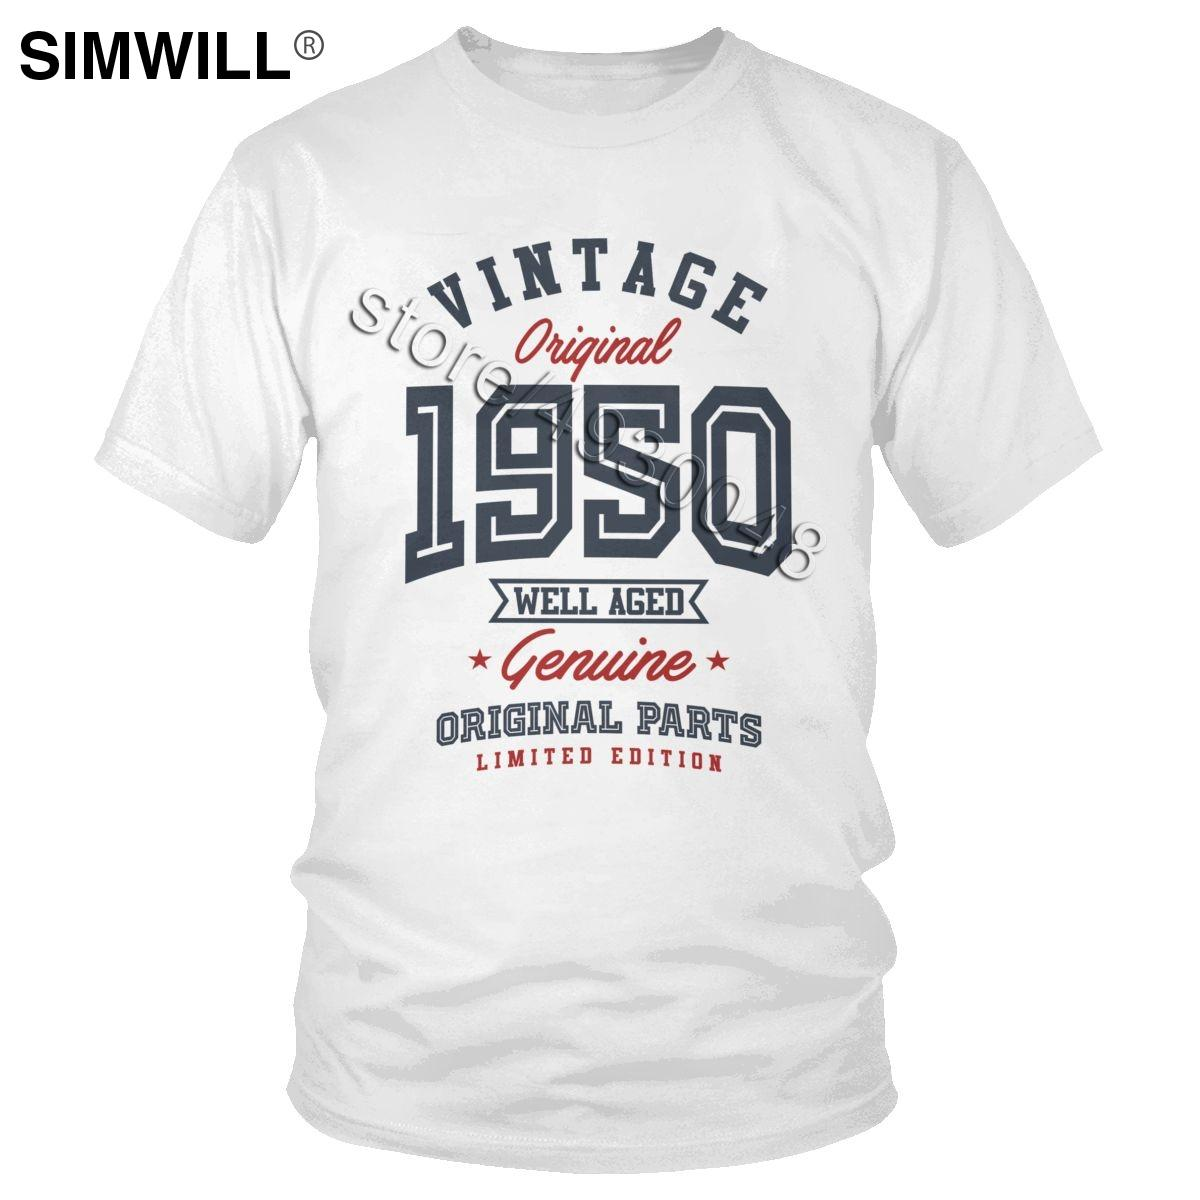 homens presente para nascido em 1950 pai presente de aniversário T-shirt original camiseta manga curta de algodão Verão Camiseta Tops marca de roupa